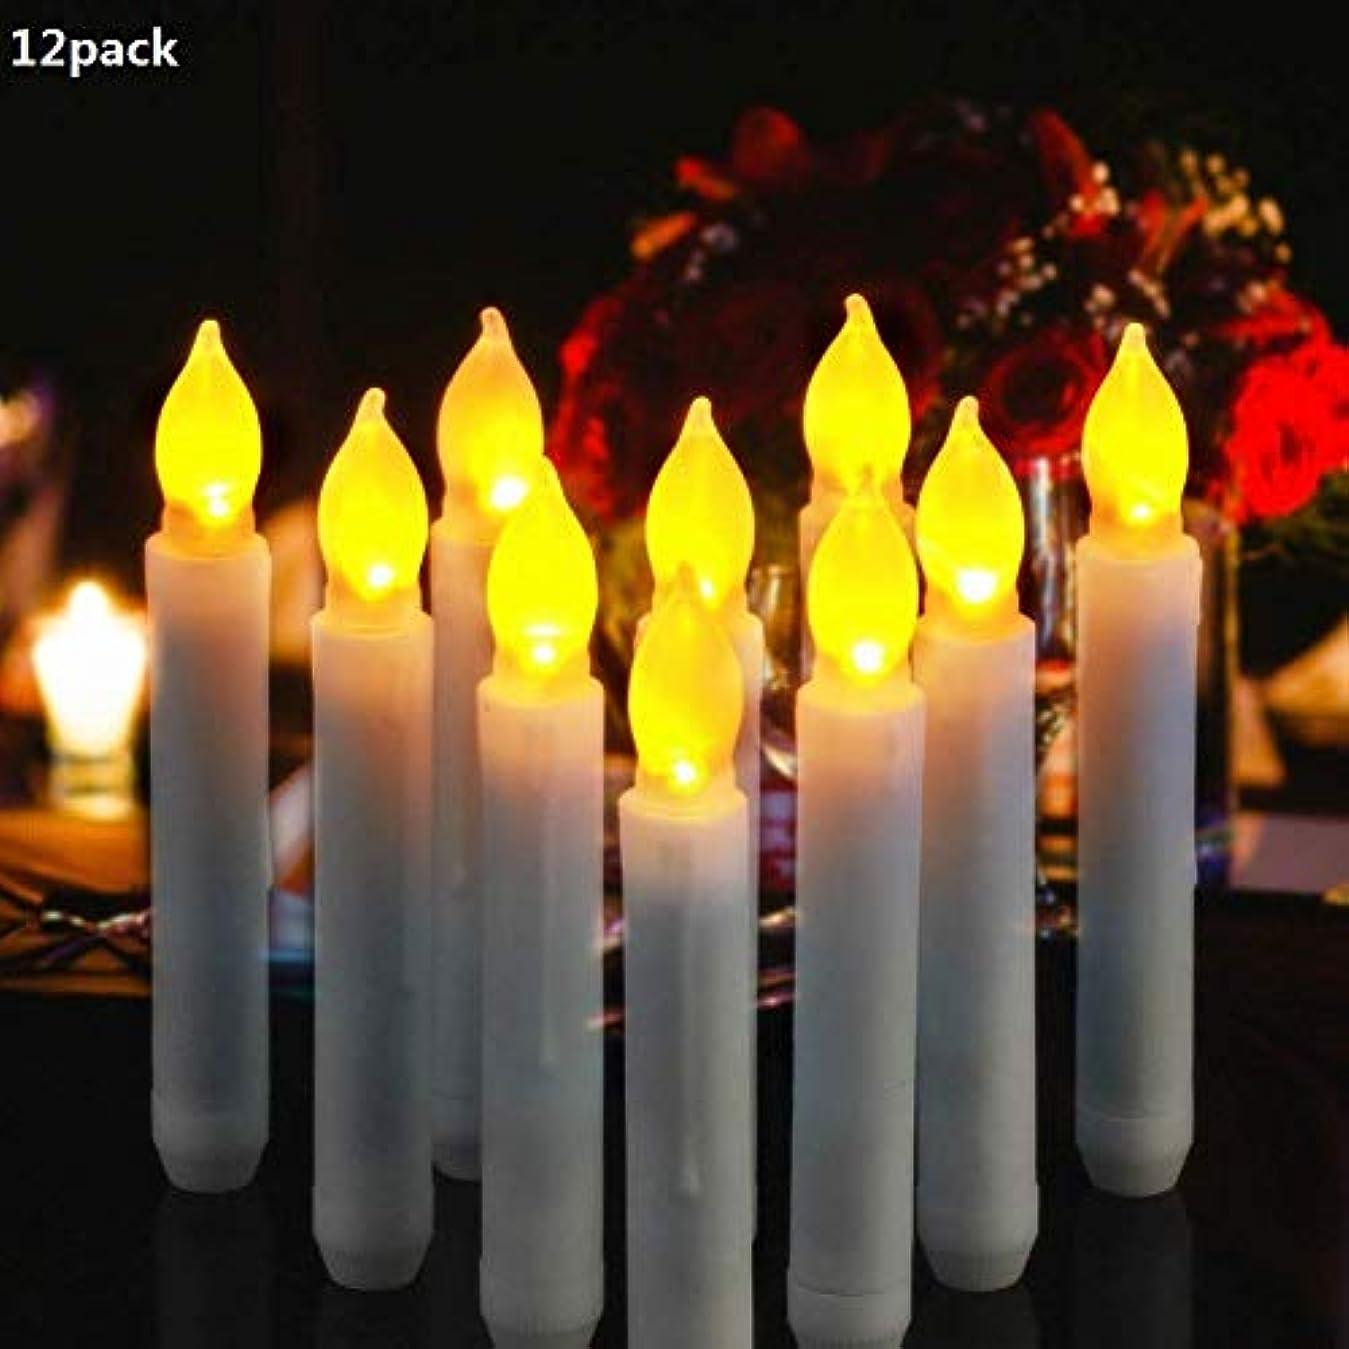 現れる防止奴隷LEDキャンドルスティックちらつきテーパFlamelessアイボリーホワイト、電気キャンドル12pcs Aセット、2 AA電池式、ホテル、バー、教会、ホーム、クリスマス、プロモーションギフト 02